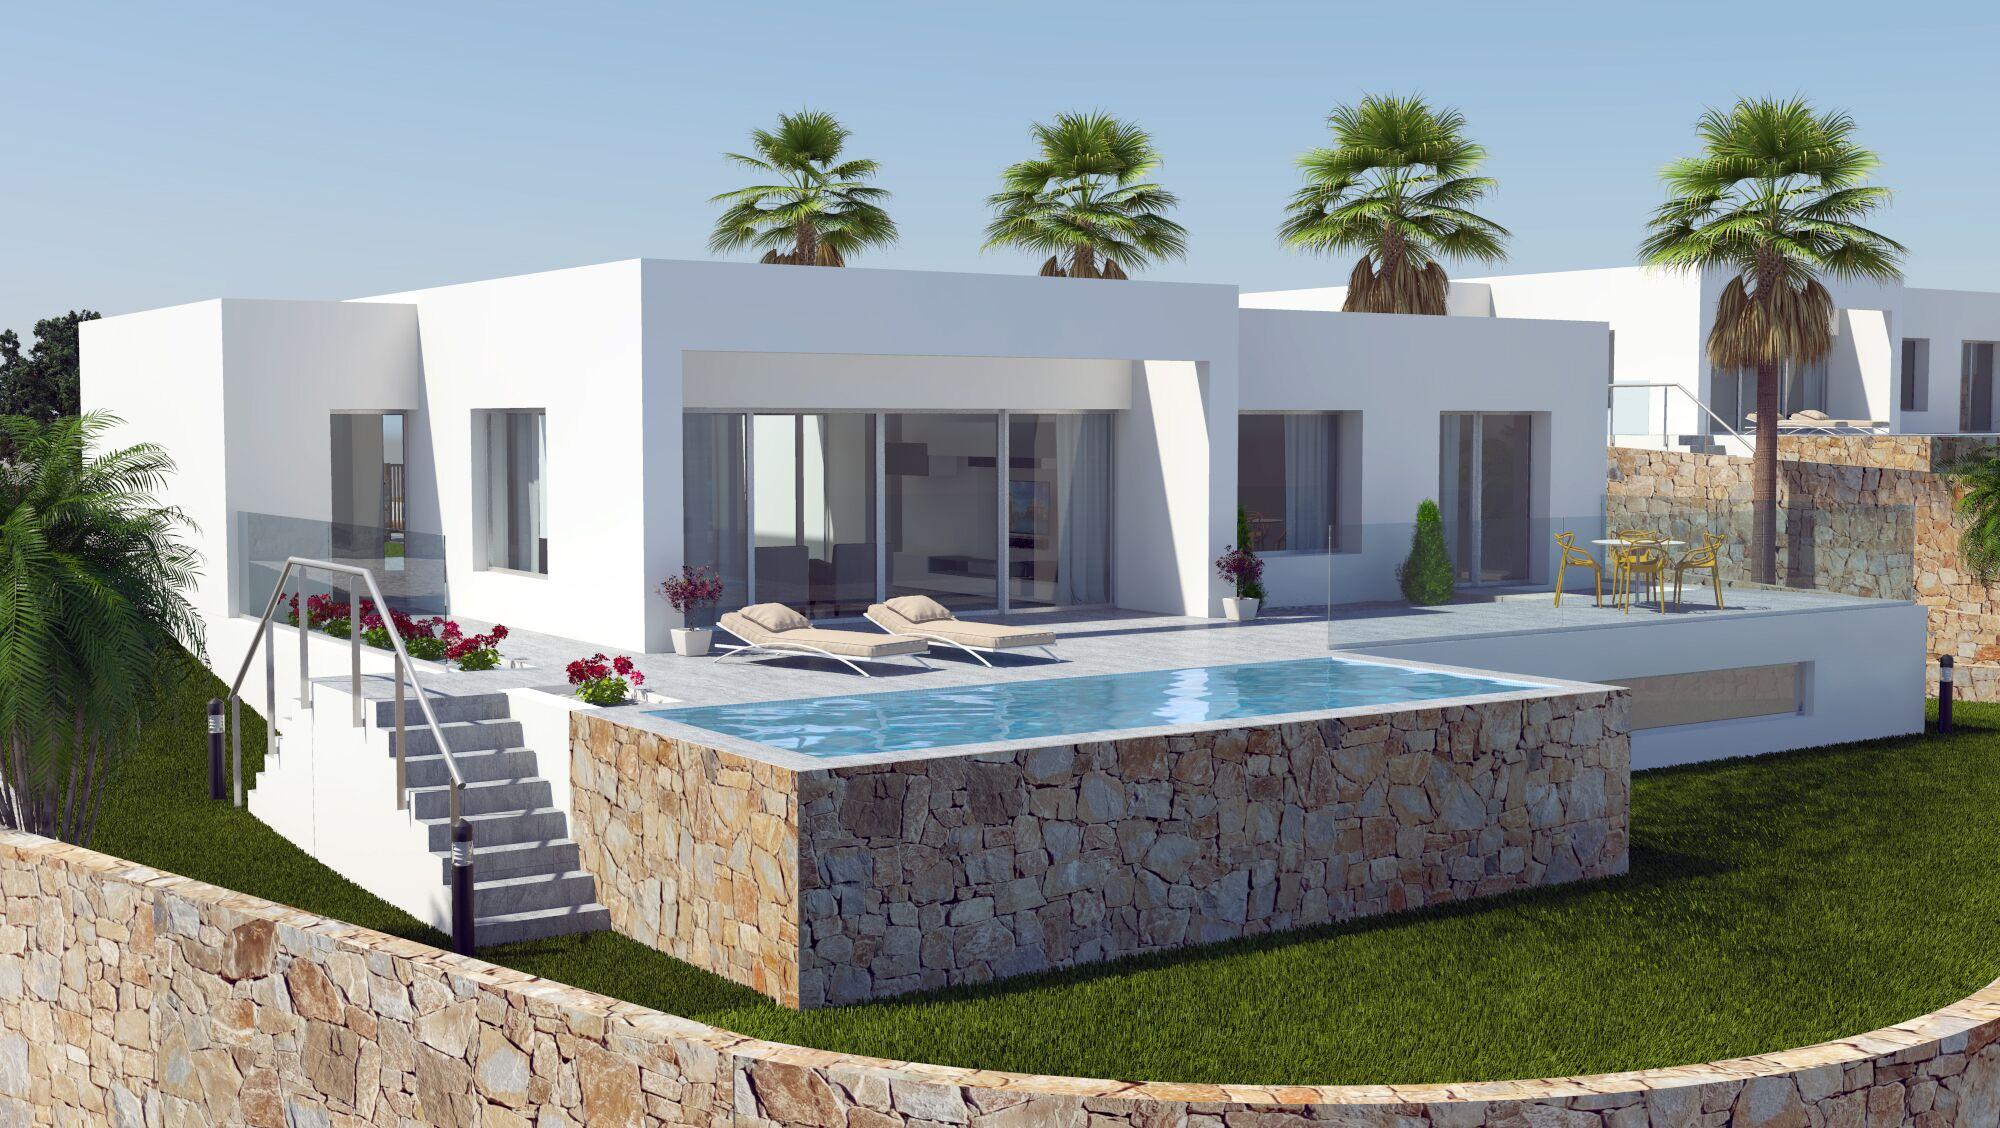 der moderne bungalow für angenehmen wohnkomfort & behaglichkeit, Gartengerate ideen